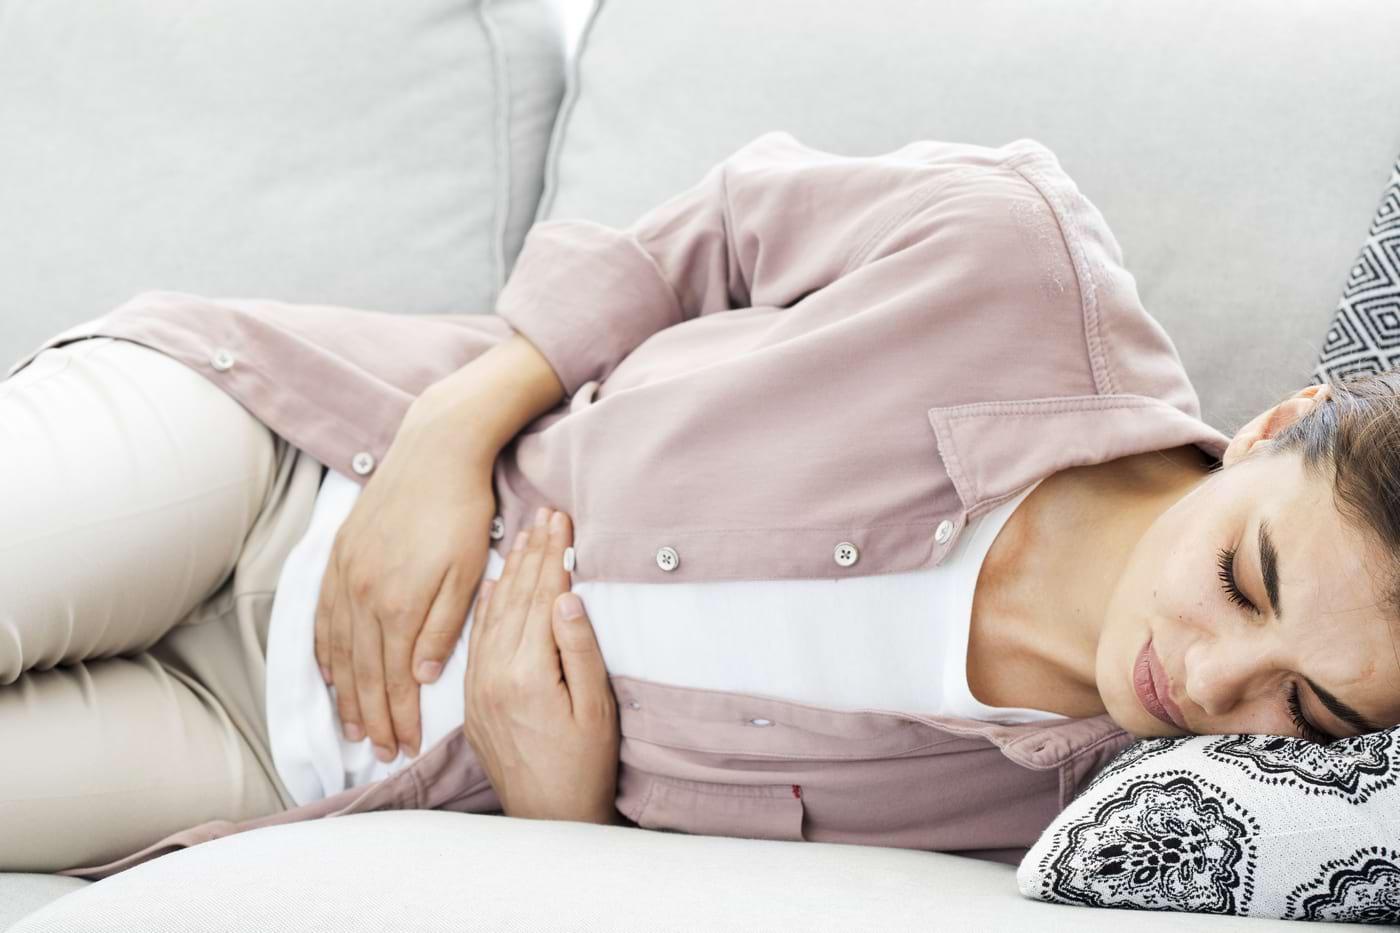 Cum să elimini viermii din stomac